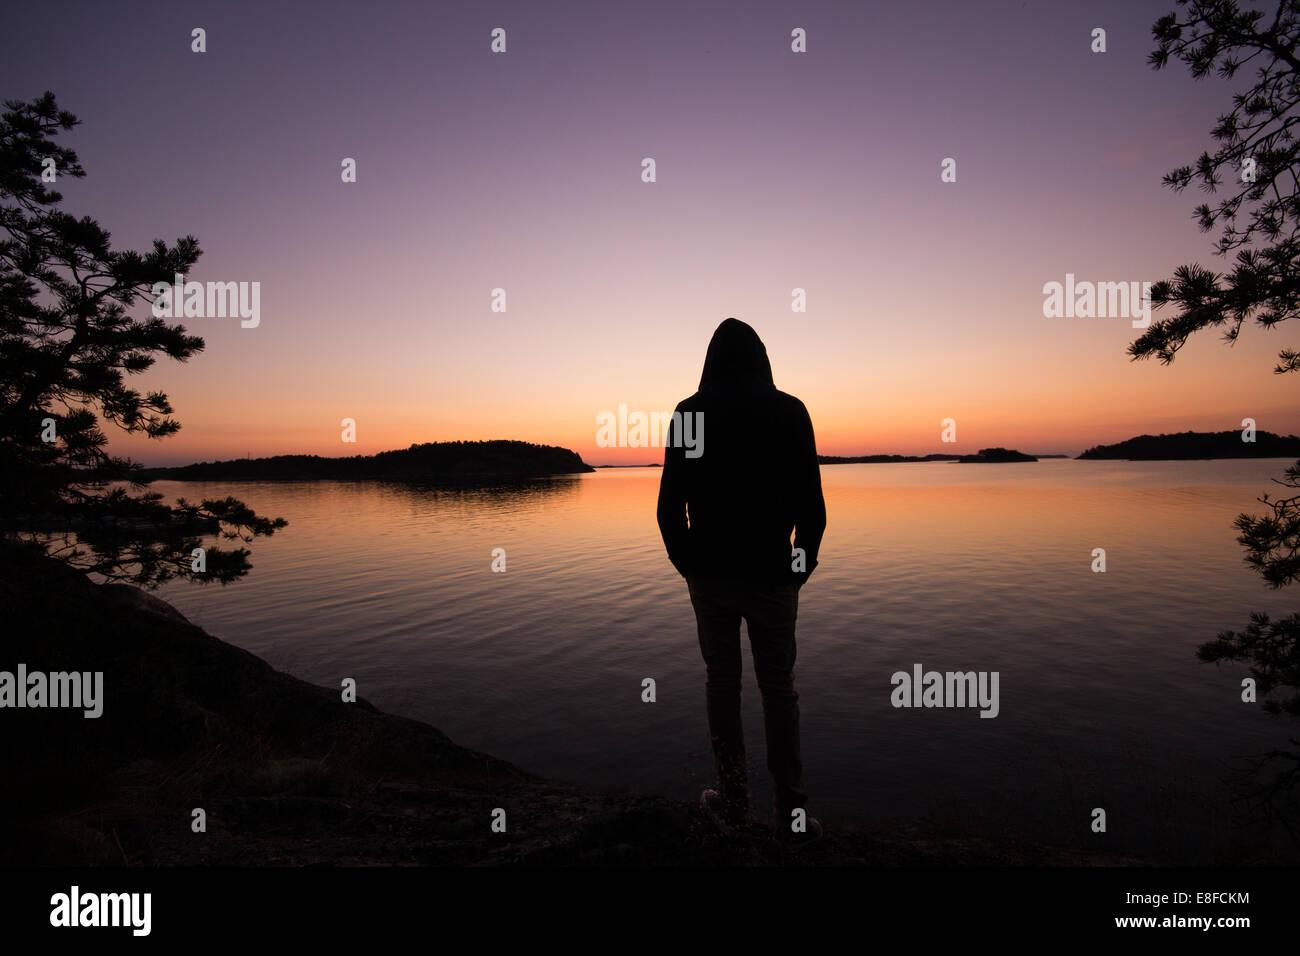 Man looking out at lake - Stock Image